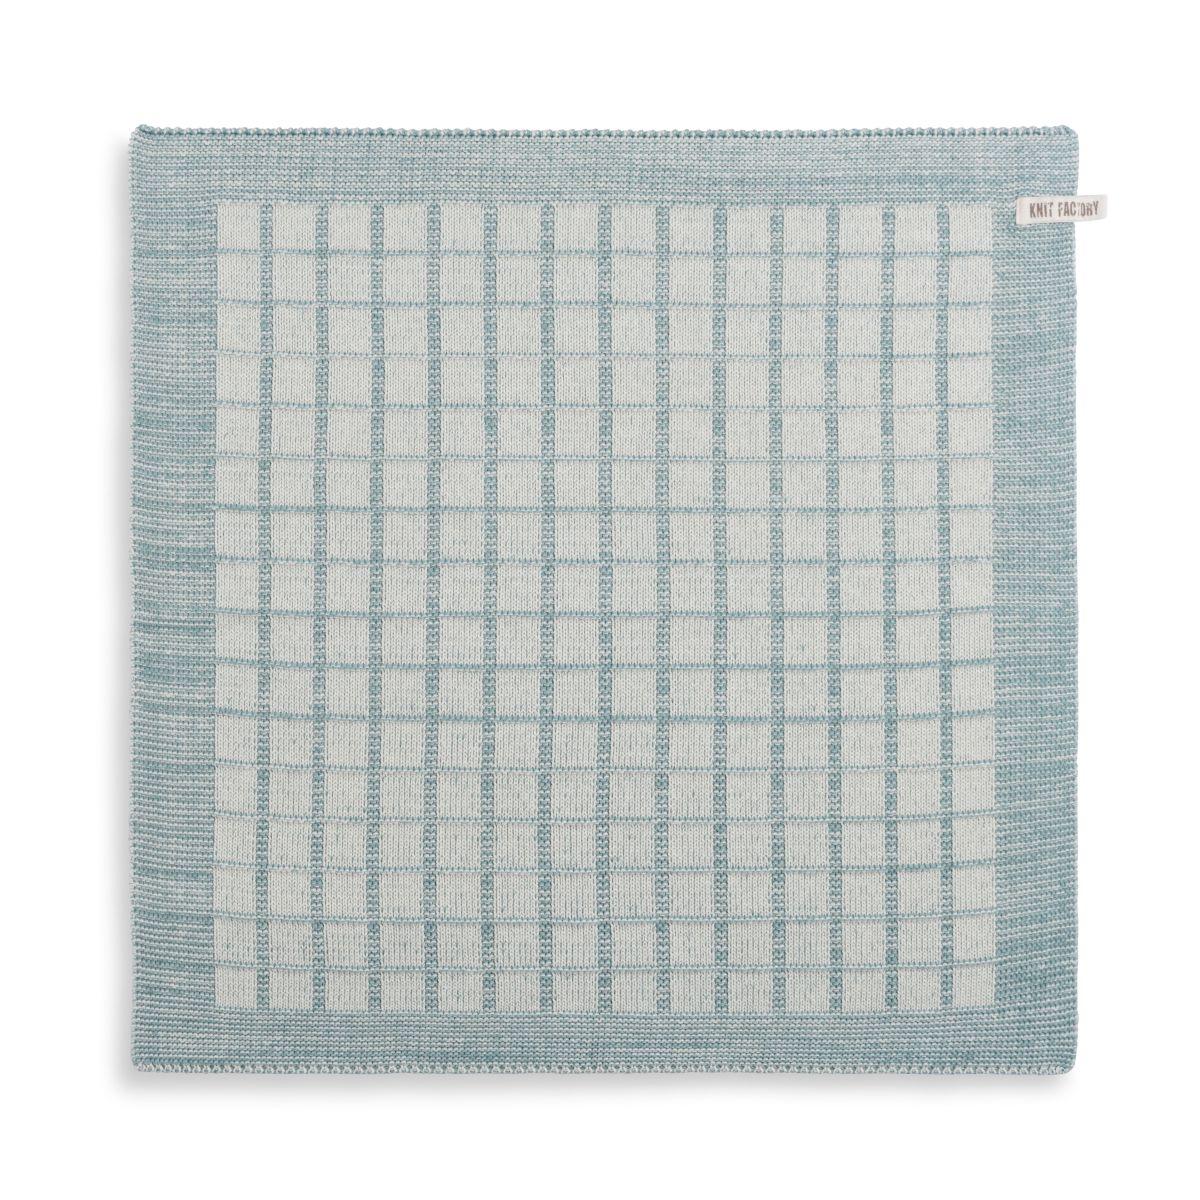 knit factory 2170076 keukendoek alice ecru stone green